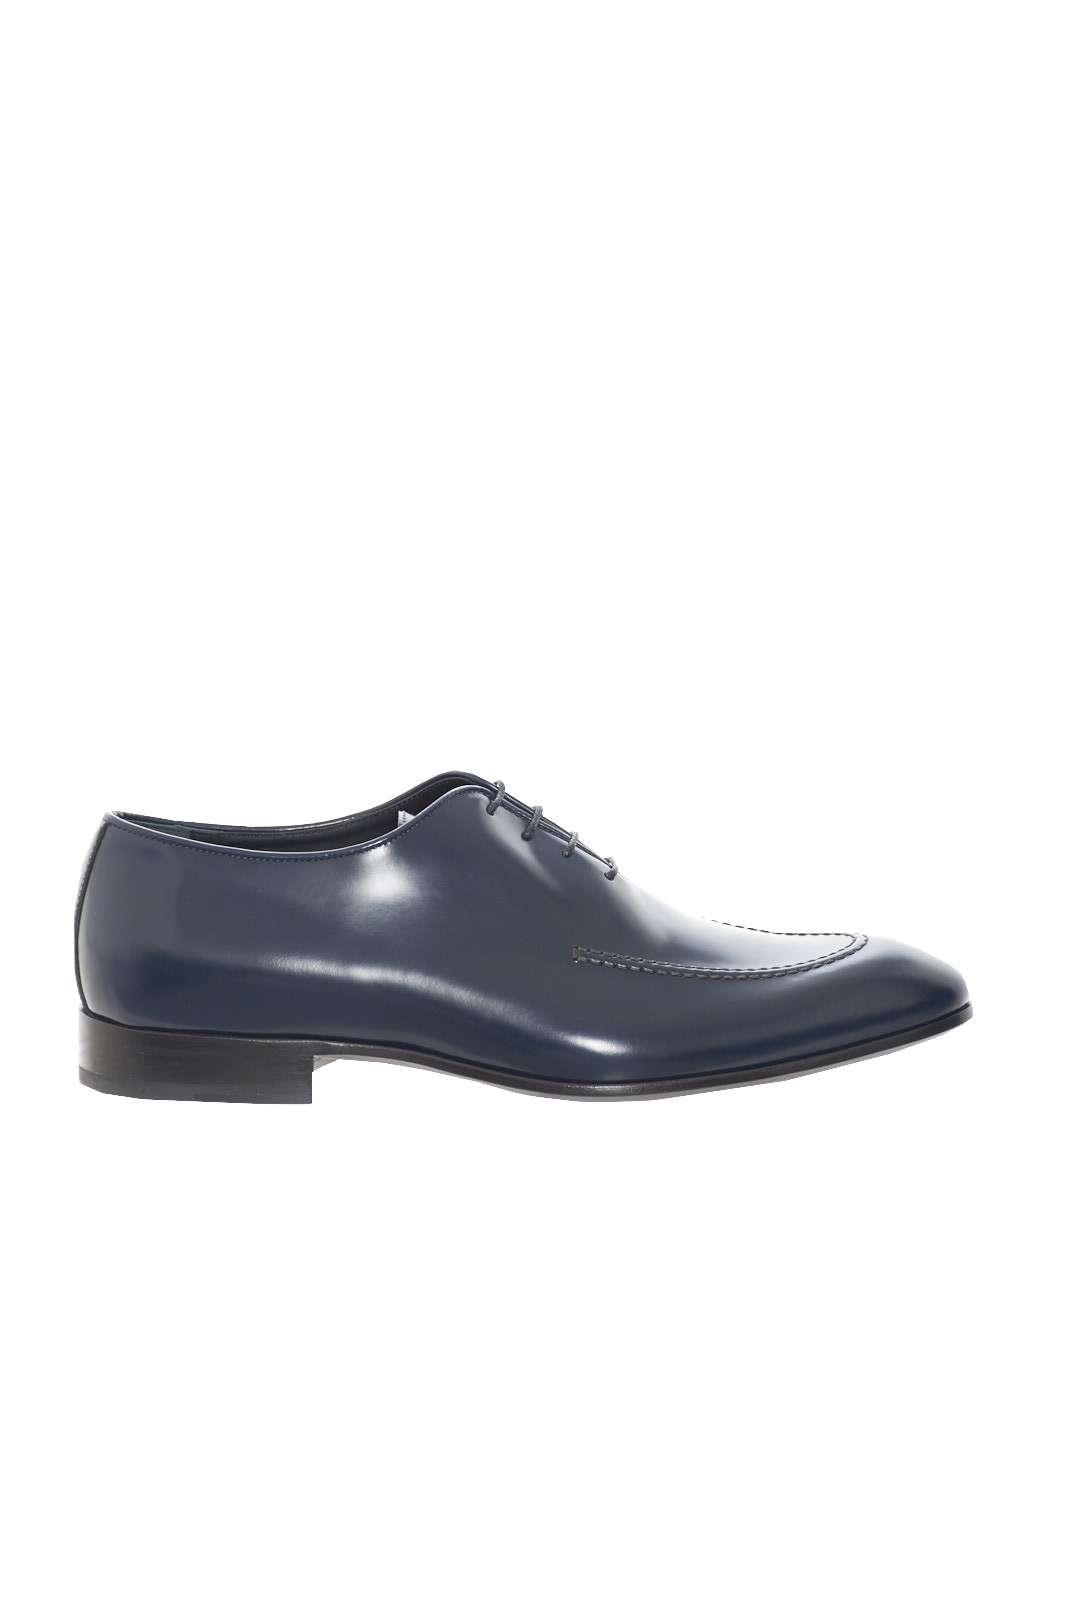 Una scarpa che si imporrà come icona di stile per le tue occasioni più eleganti. Perfetta per essere indossata con abiti o completi spezzati, per un look di classe e impeccabile. Una garanzia di cura e ricercatezza firmata Alberto Guardiani.